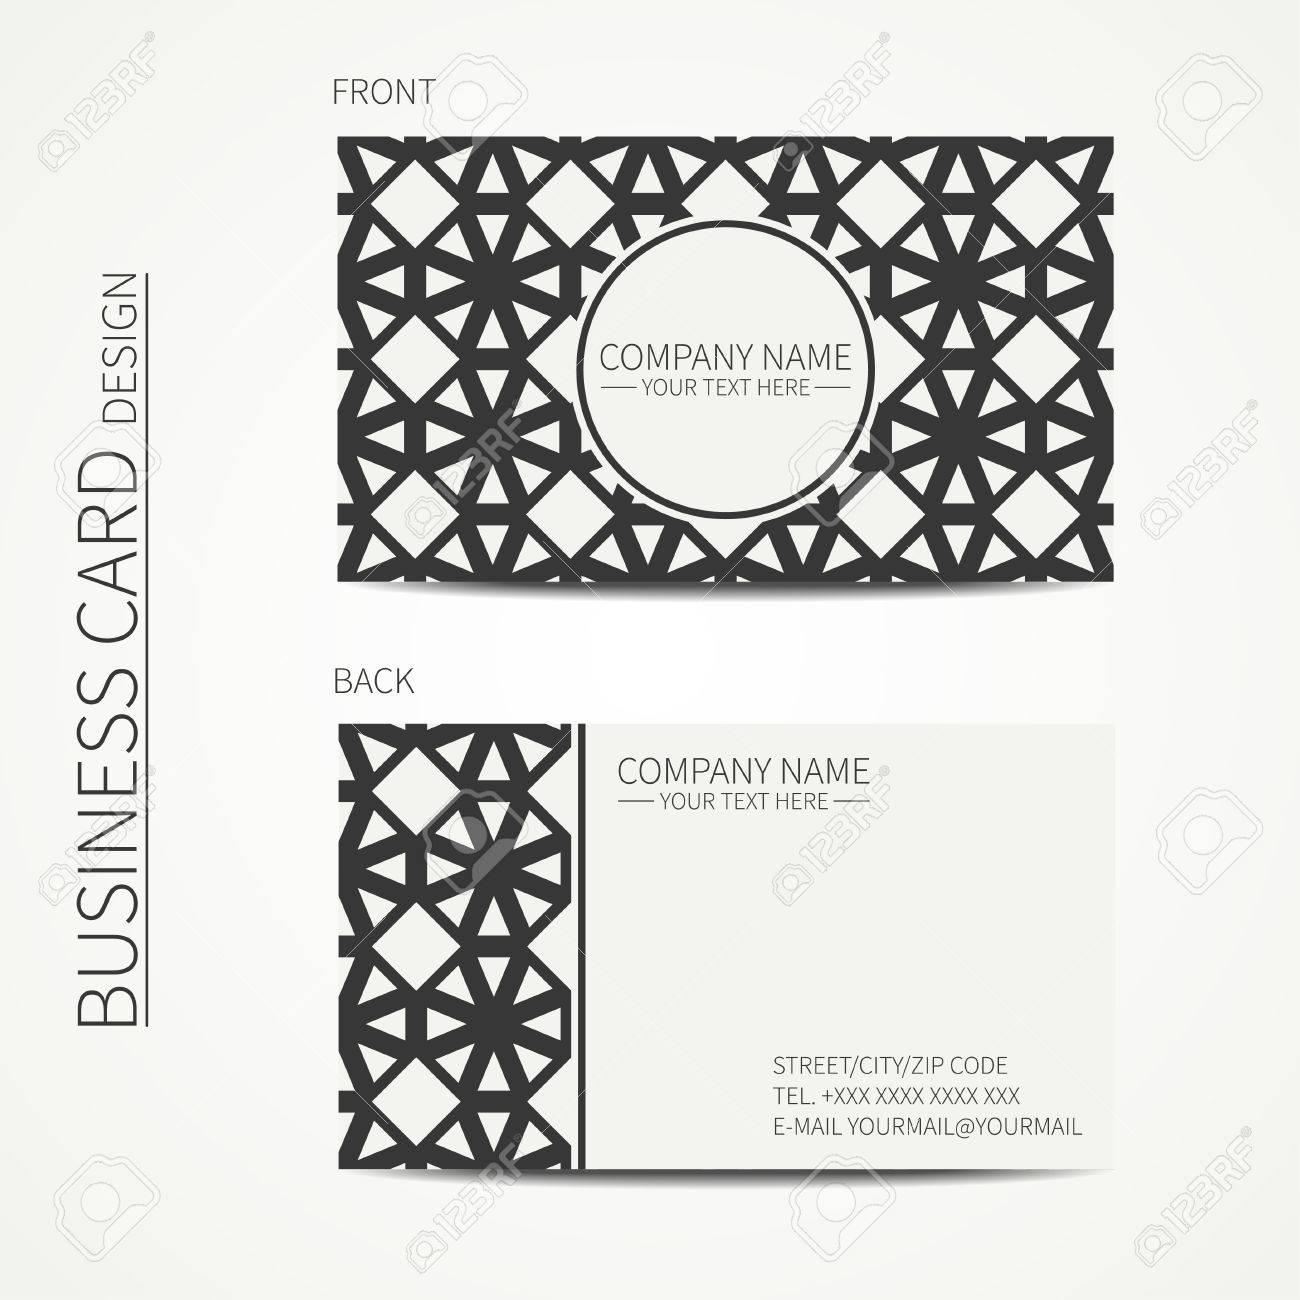 Vecteur Simple Carte De Visite Design Modle Noir Et Blanc